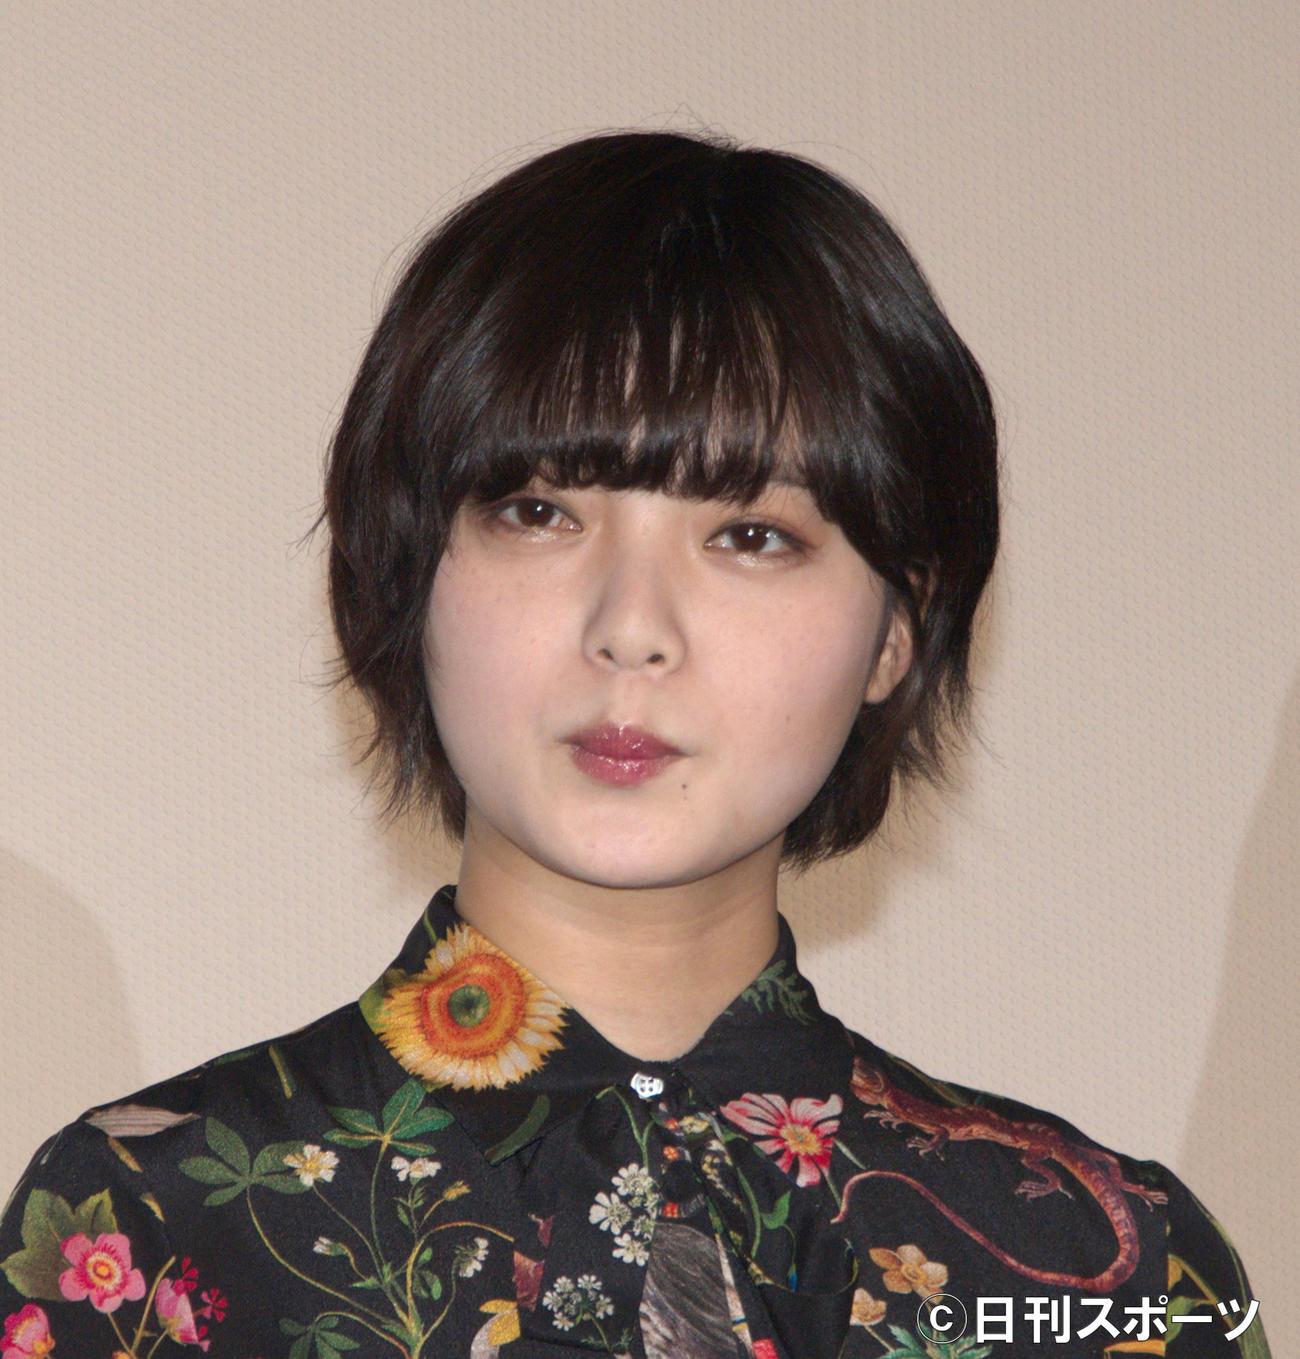 平手友梨奈(2018年9月14日)